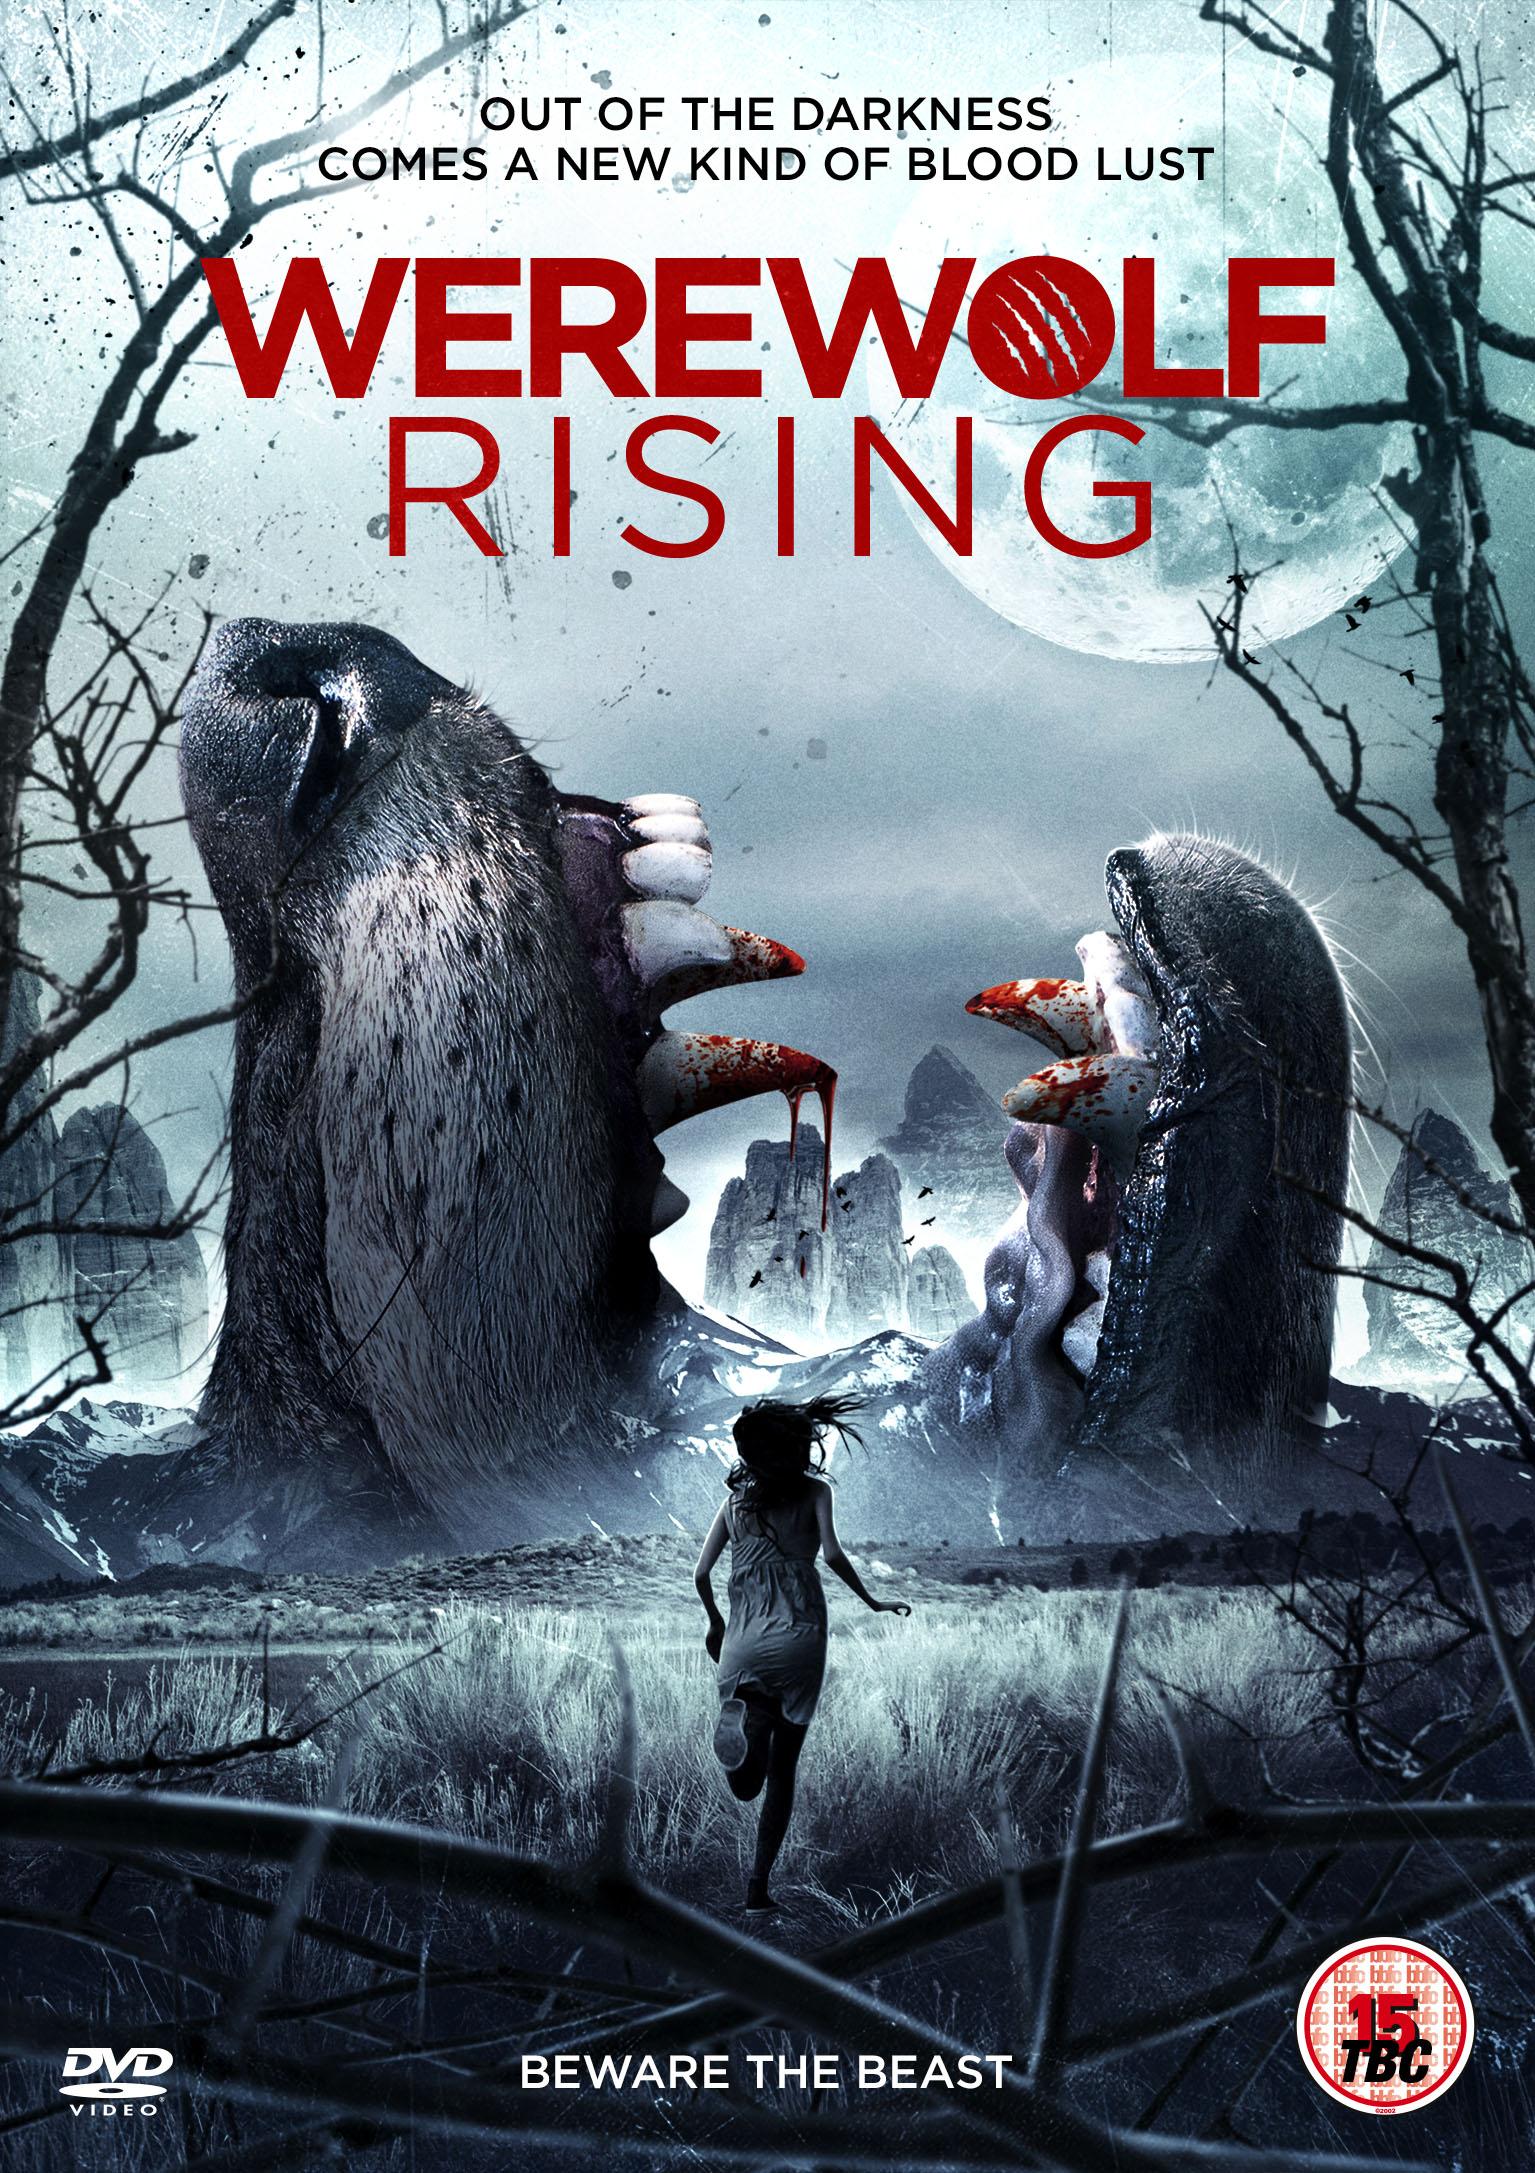 مشاهدة فيلم Werewolf Rising مترجم اون لاين